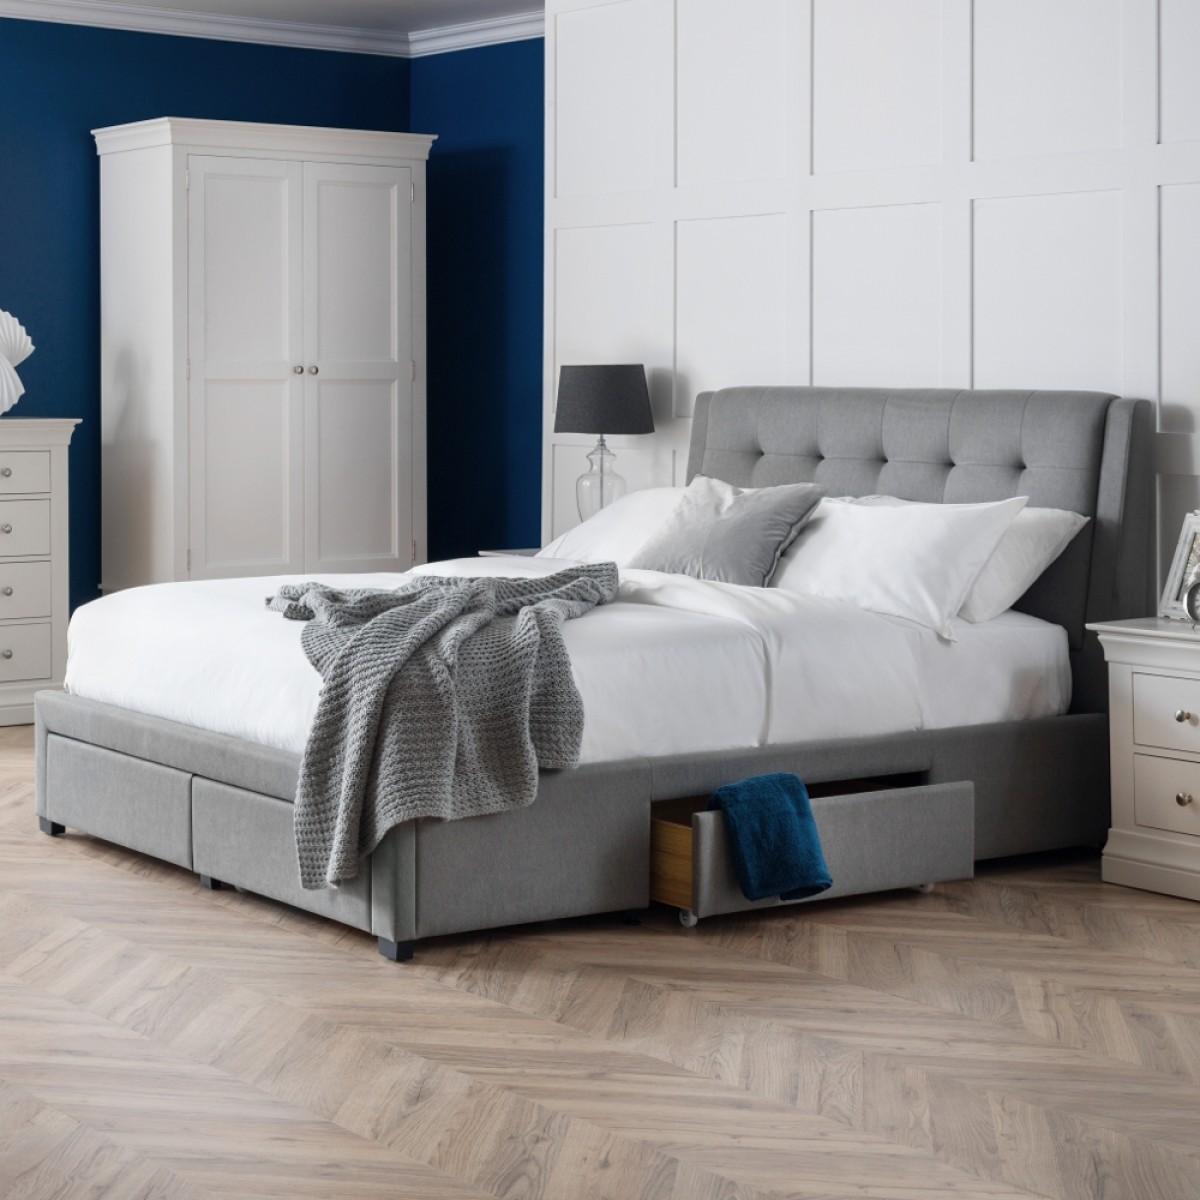 Fullerton Grey Fabric 4 Drawer Storage Bed